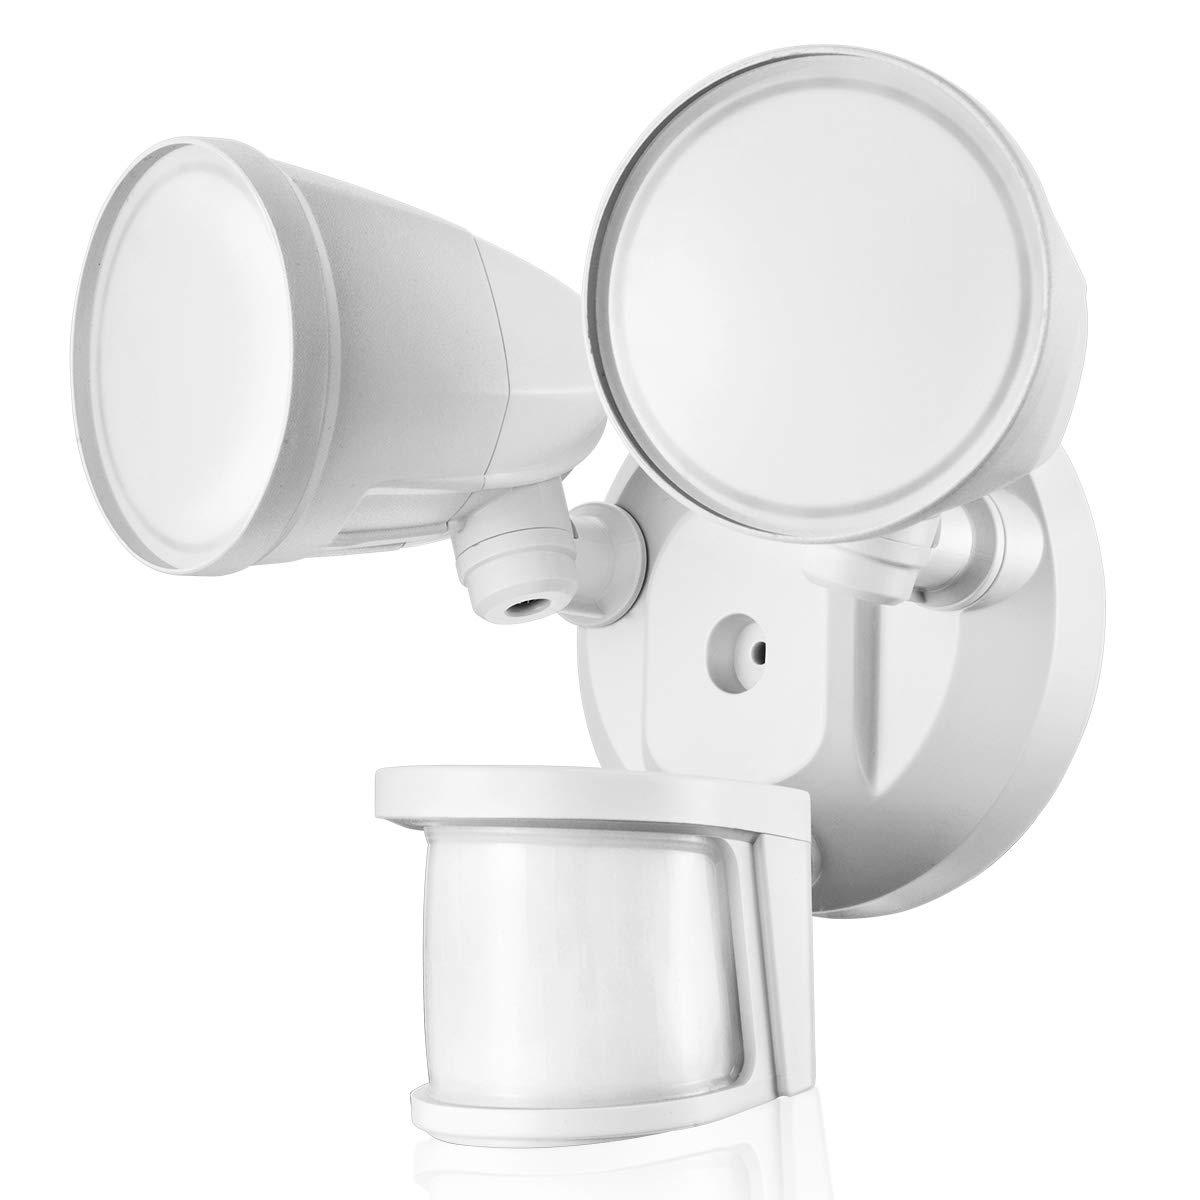 STASUN 32W LED Strahler mit einstellbarem Bewegungsmelder, 2200LM superhell LED Fluter, 5000K Tageslichtweiß, IP65 Wasserdichtes Flutlicht, Runder Kopf [Energieklasse A+] 5000K Tageslichtweiß